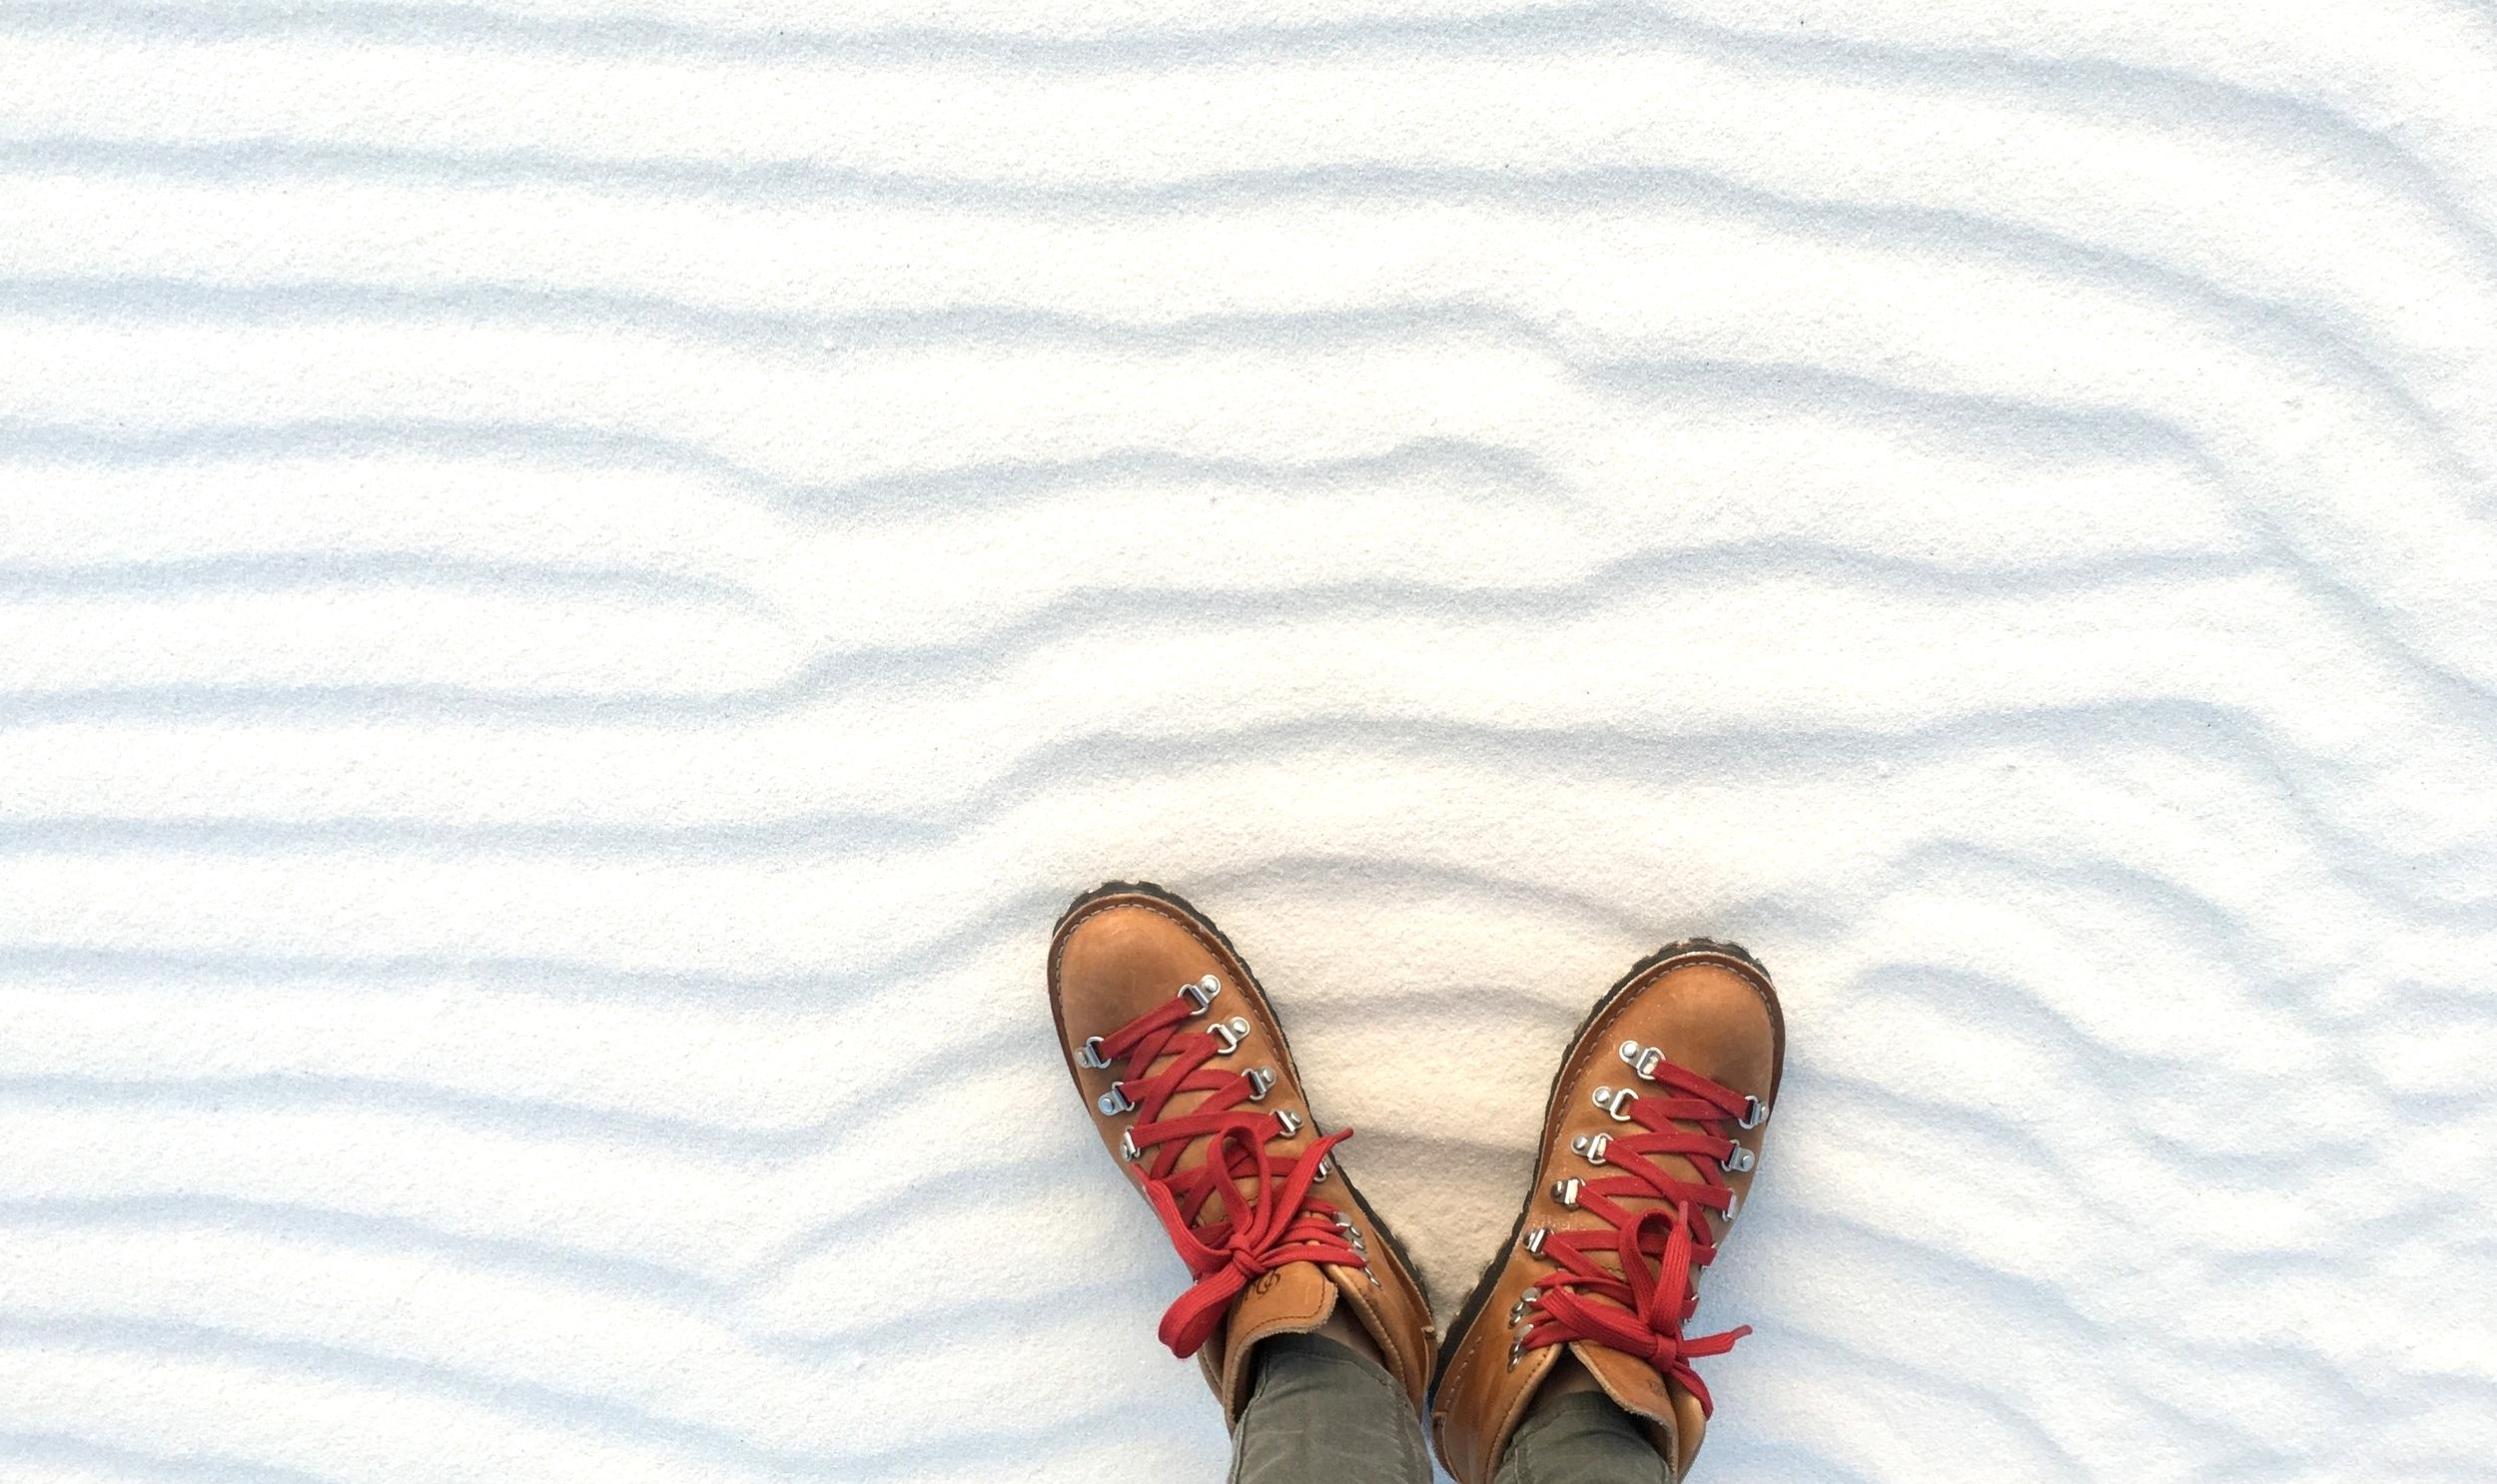 Mel's Mountain Cascade boots from Danner.